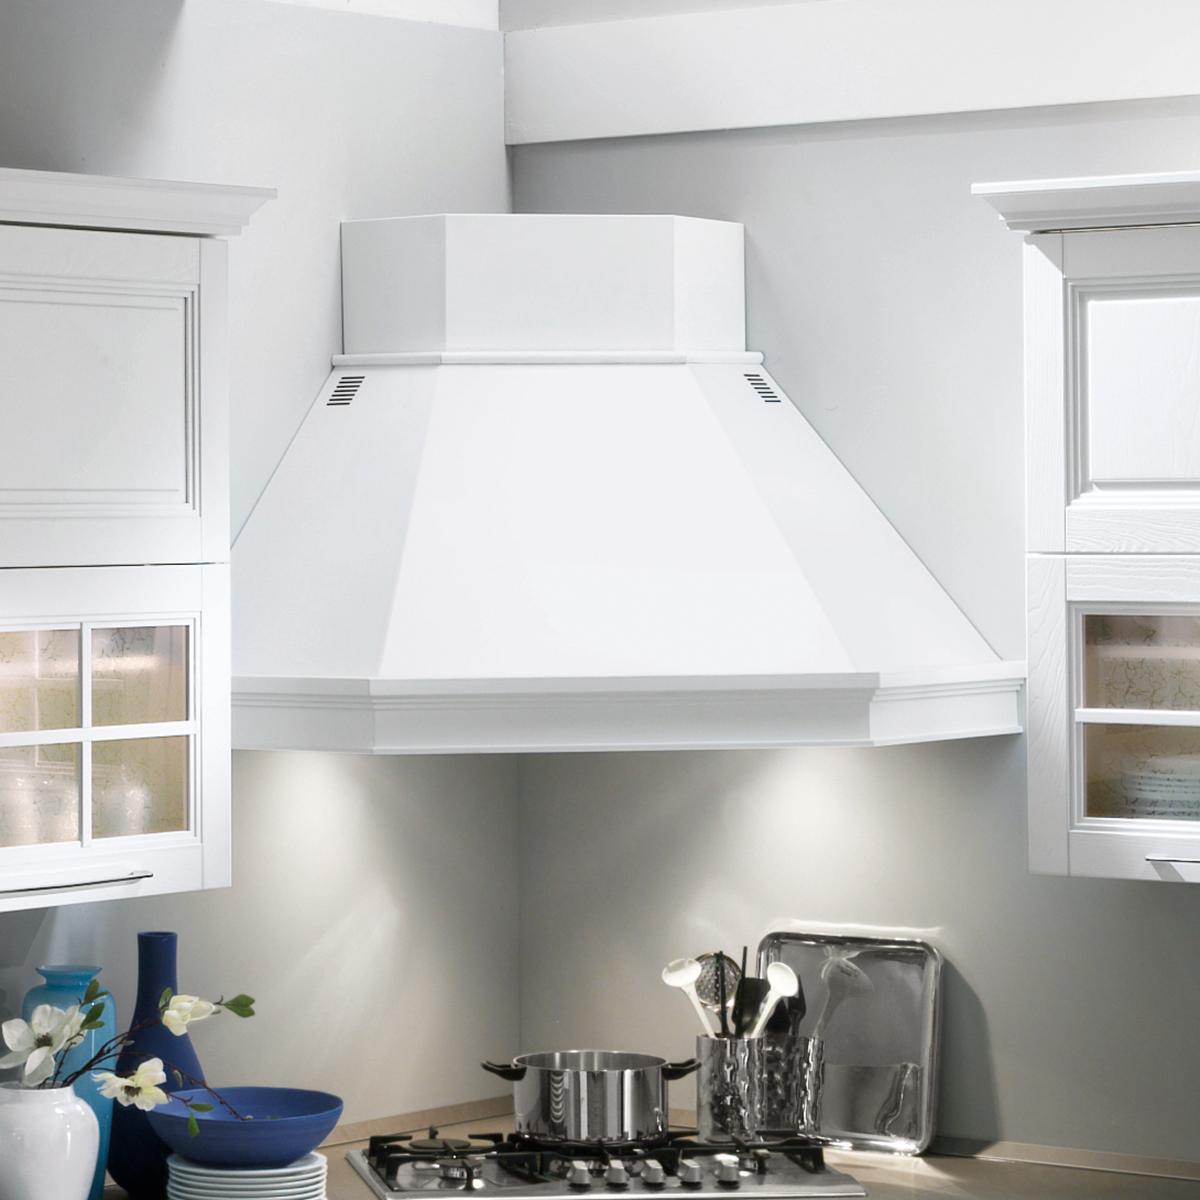 Cucina componibile, effetto bianco frassinato | : Sofia S5L6